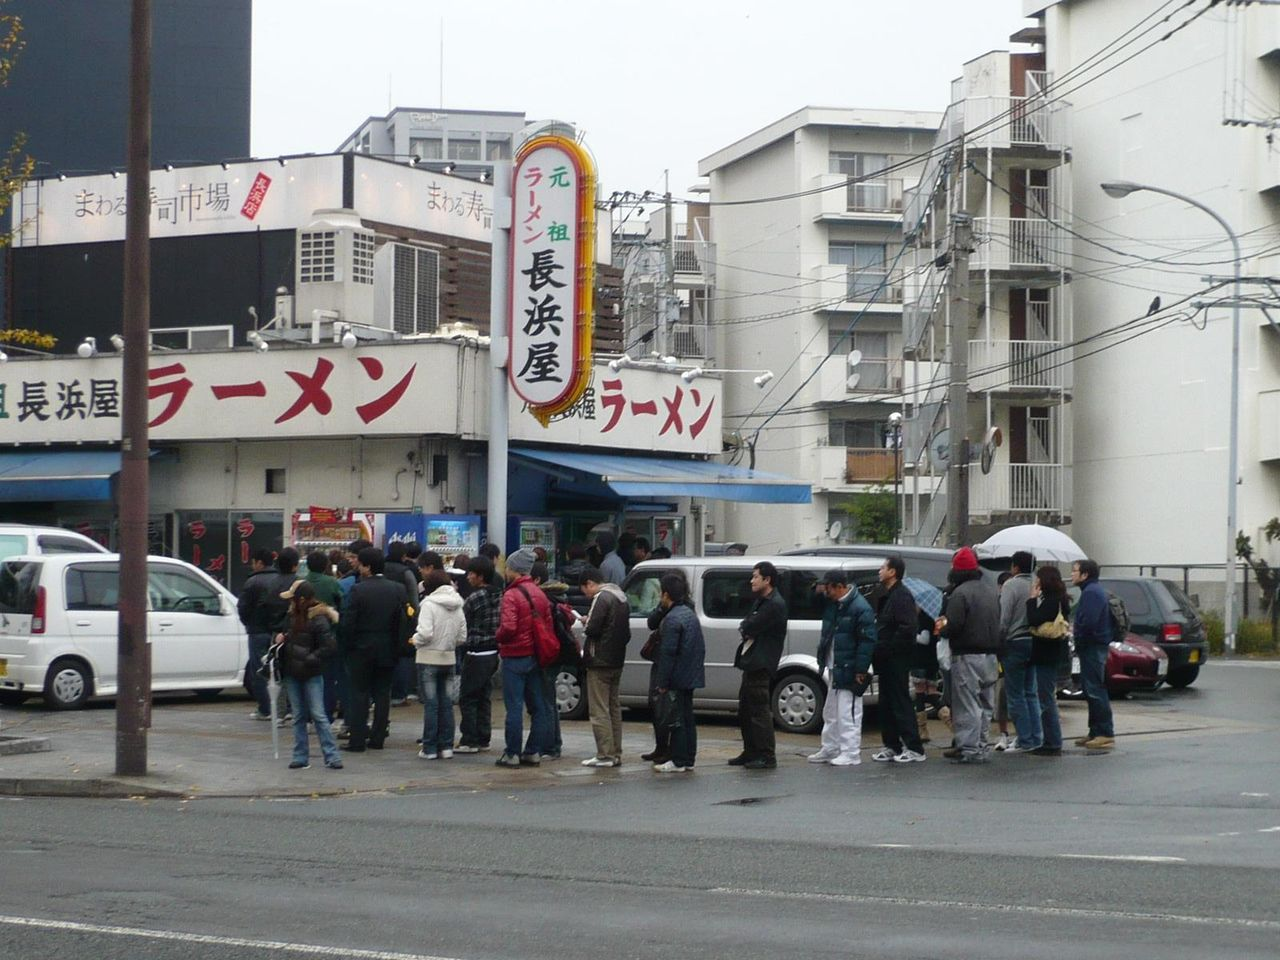 真向かいの「元祖長浜屋」は大行列です!